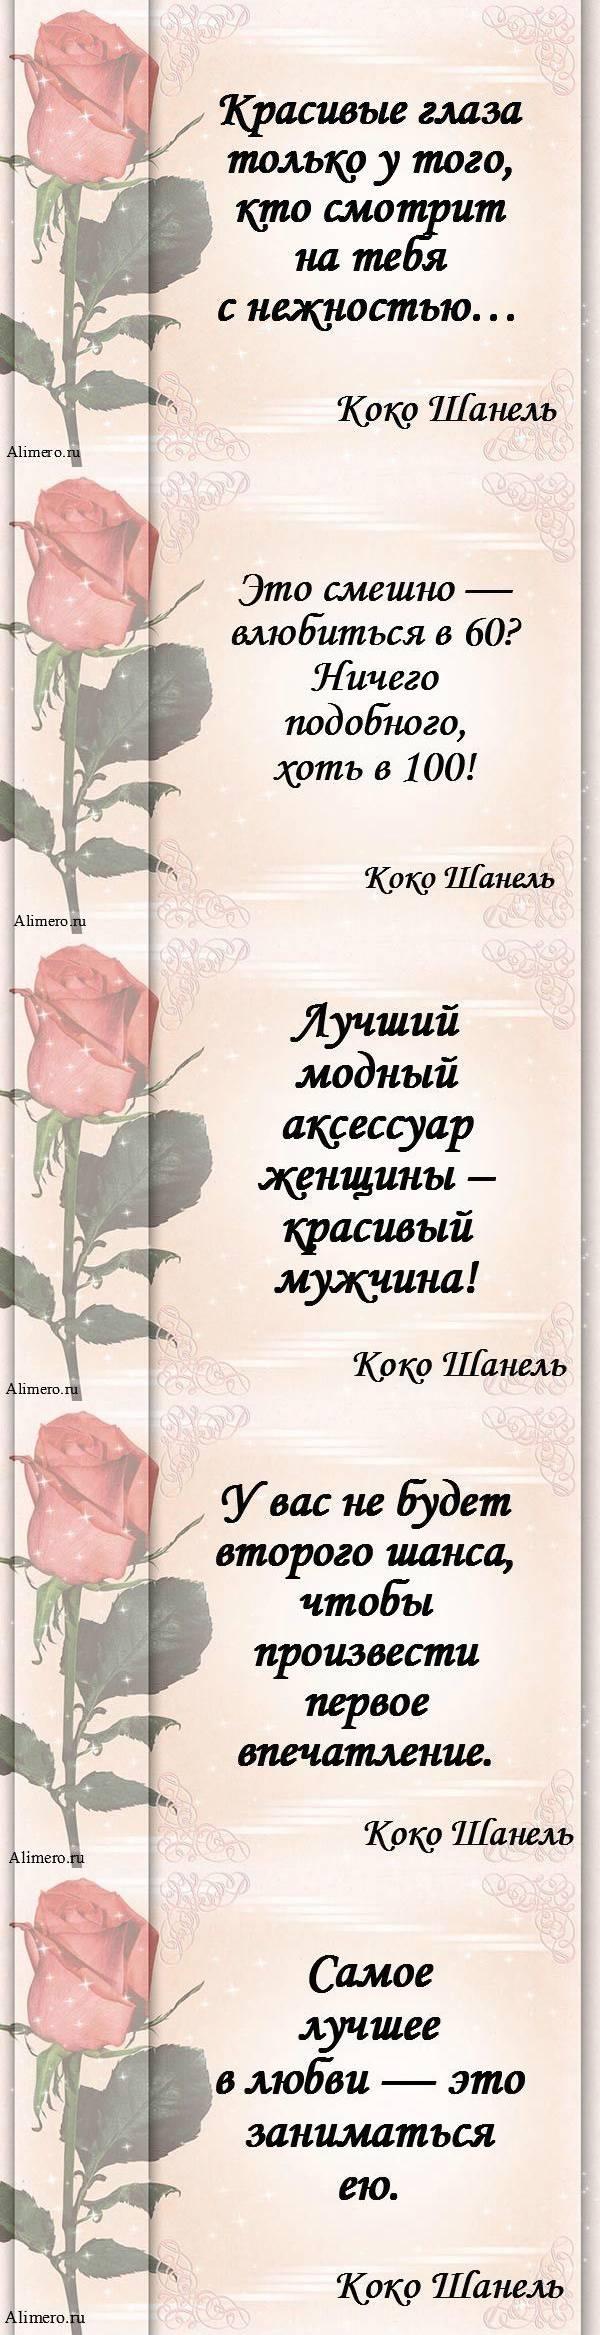 17 цитат Коко Шанель